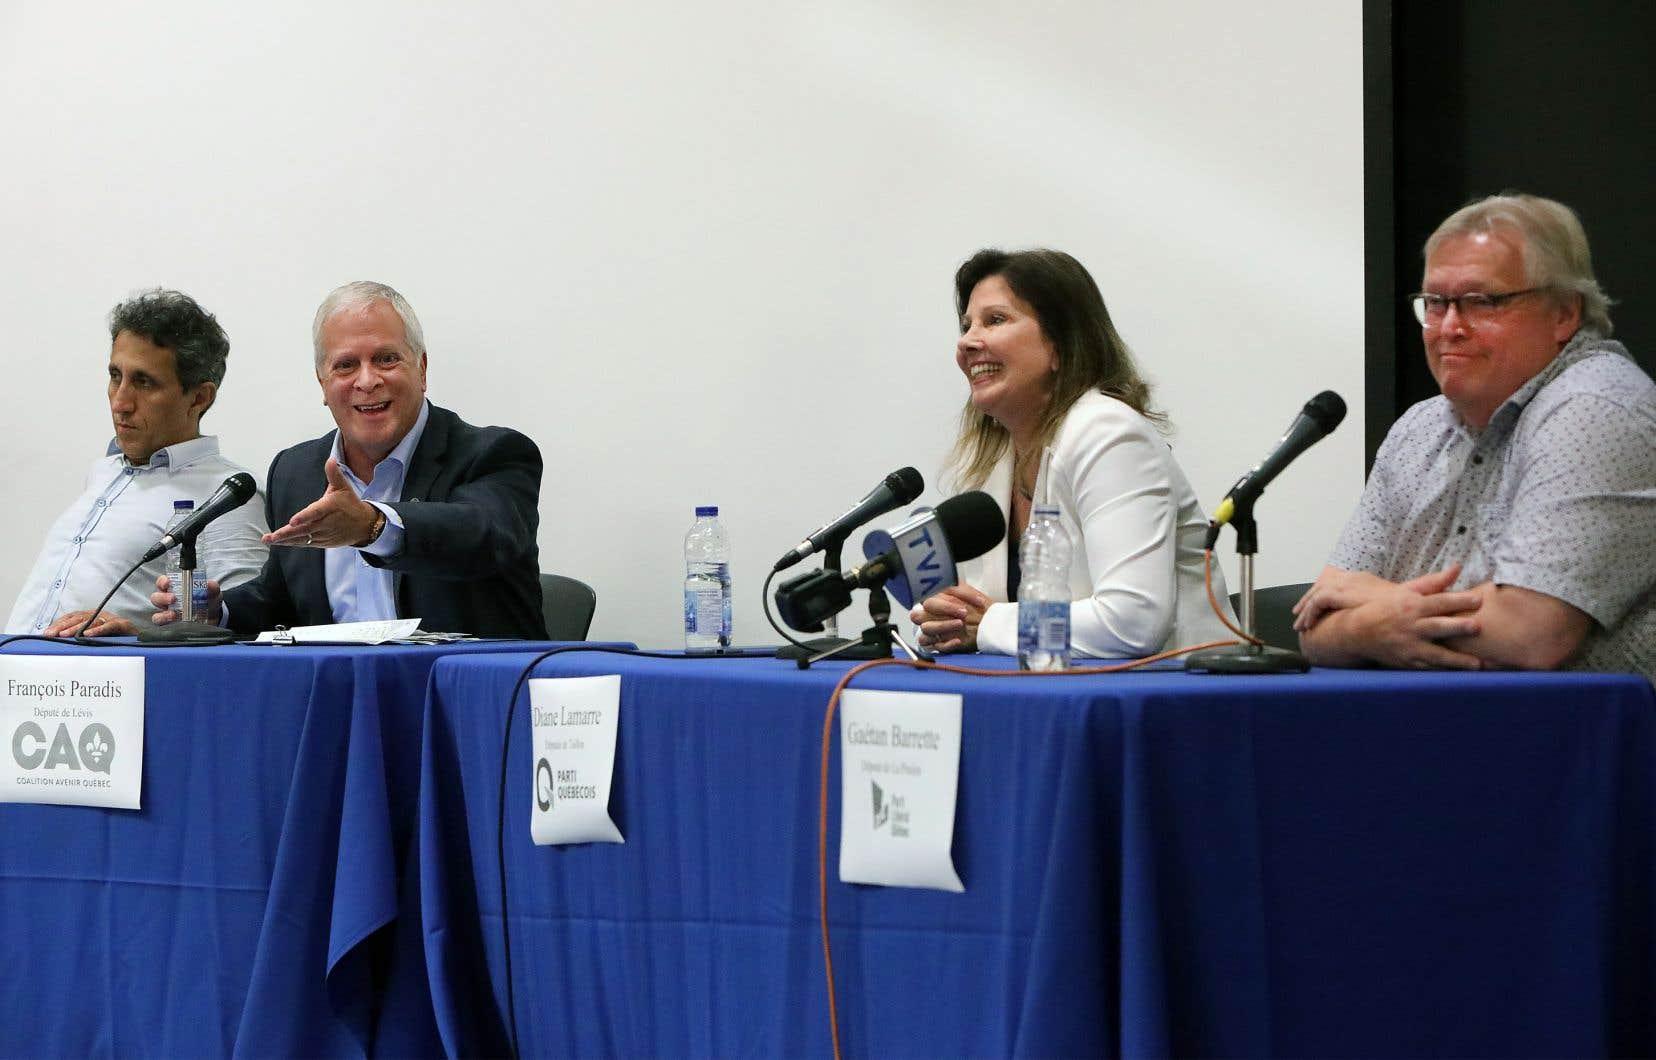 Des représentants des quatre principaux partis ont débattu sur le thème de la santé devant les étudiants en médecine, à l'Université de Montréal.